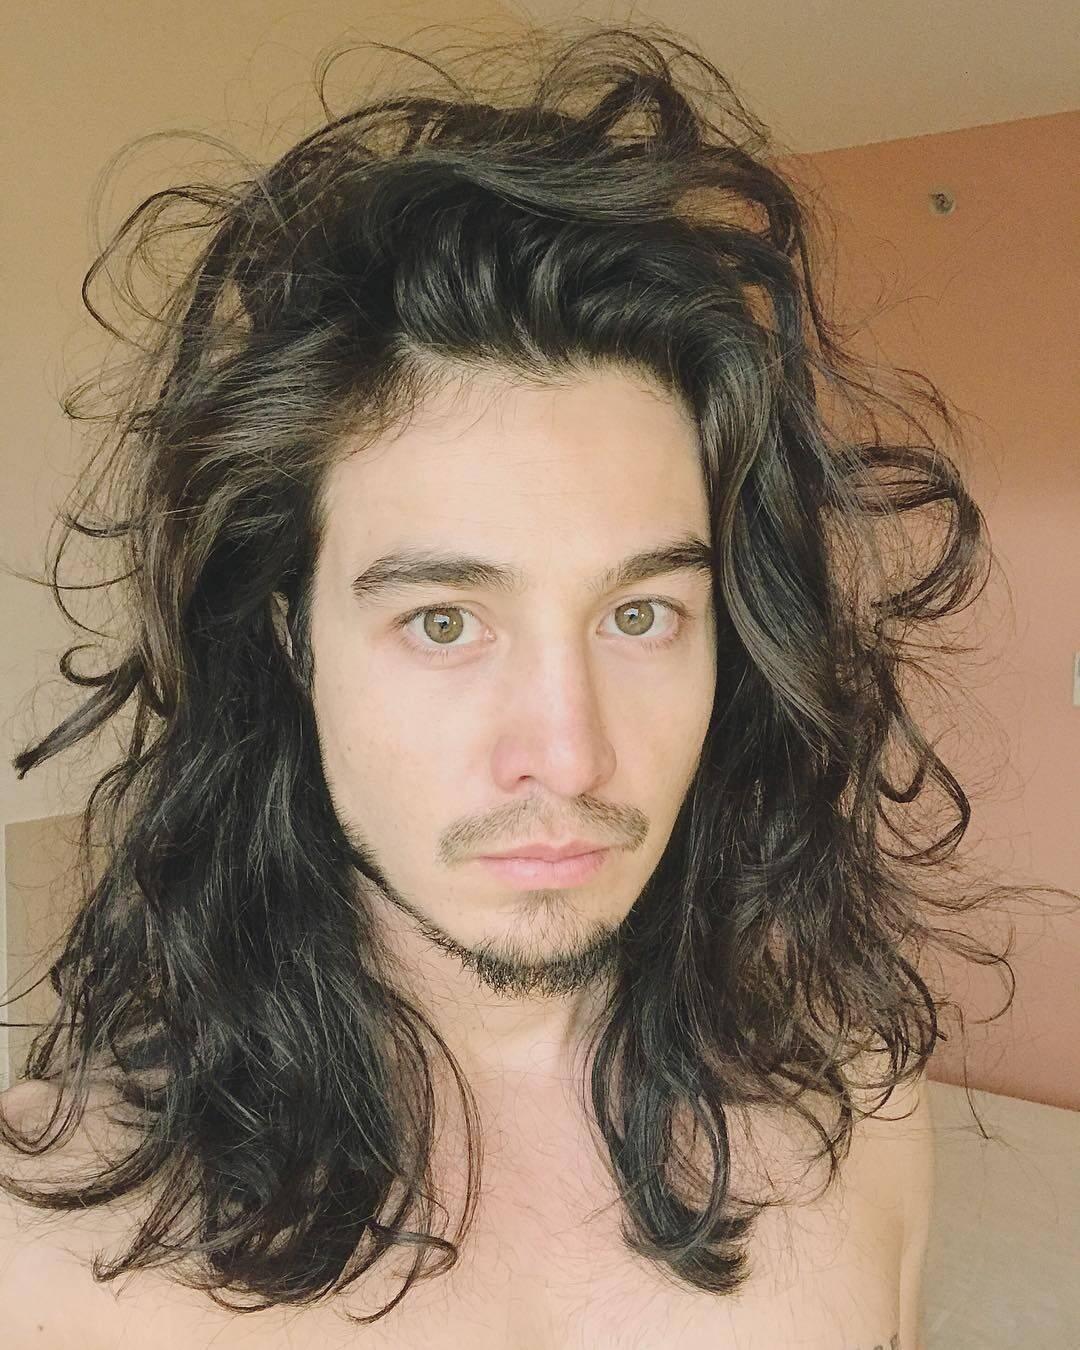 Além de popularizar o estilo, Tiago também foi inspiração para que outros homens adotassem os cabelos longos. (Foto: Instagram)